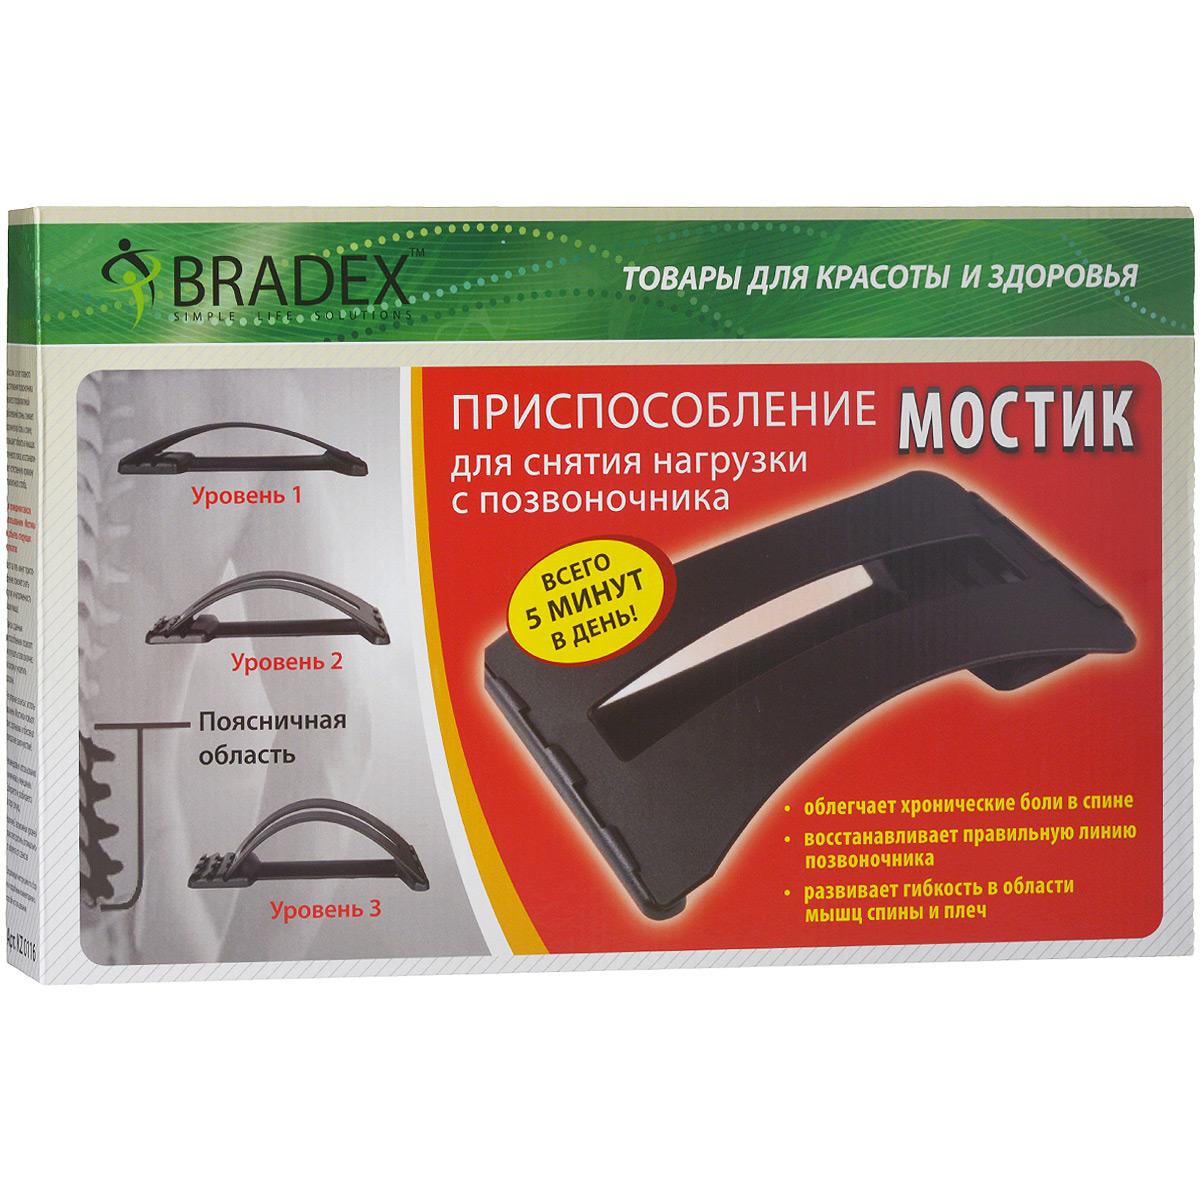 """Приспособление для снятия нагрузки с позвоночника Bradex """"Мостик"""", цвет: черный ( KZ 0116 )"""